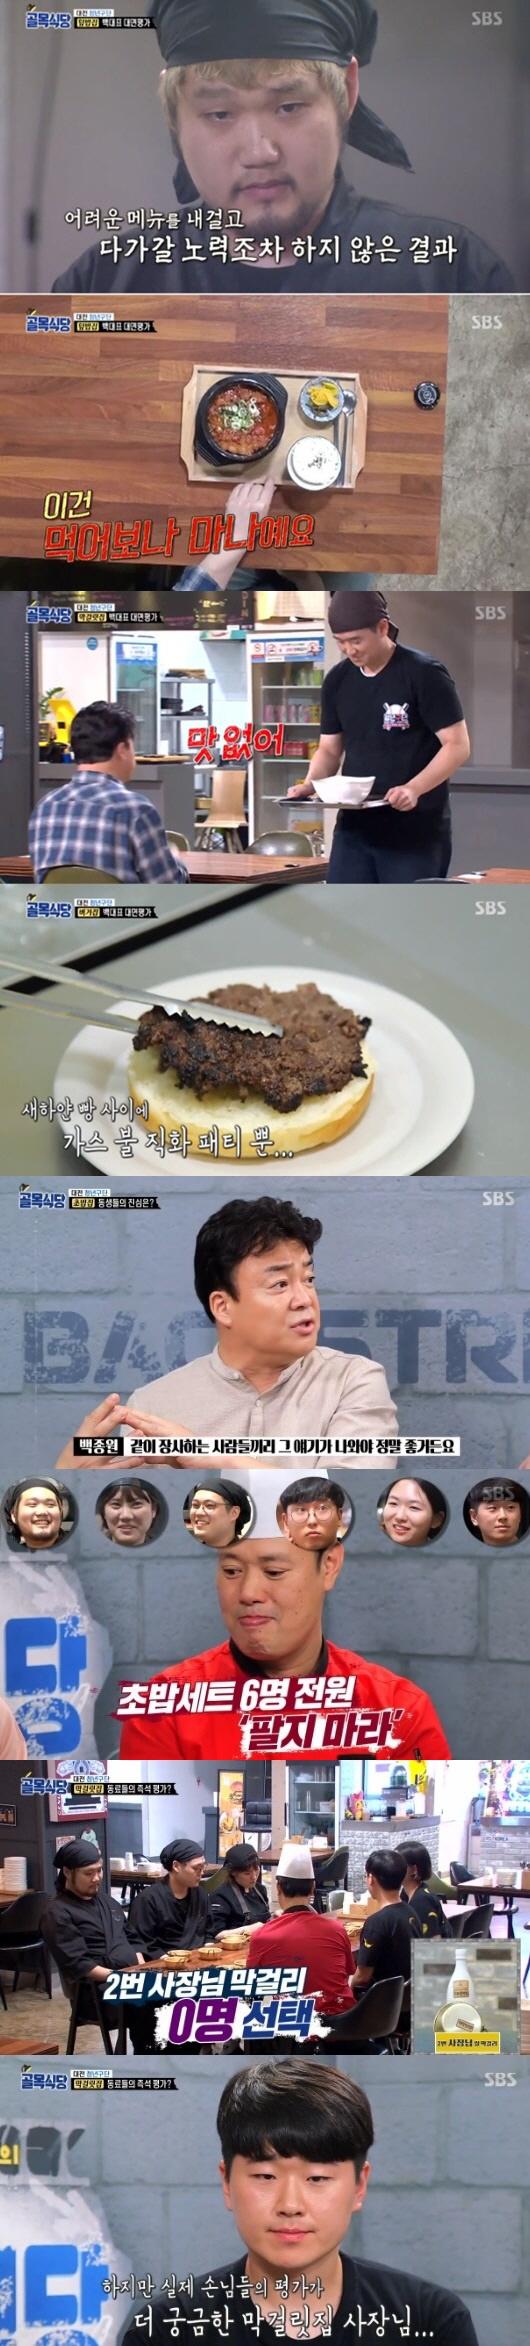 '백종원의 골목식당' 막걸리 시음회, 사장님 0표 장면 '최고의 1분'